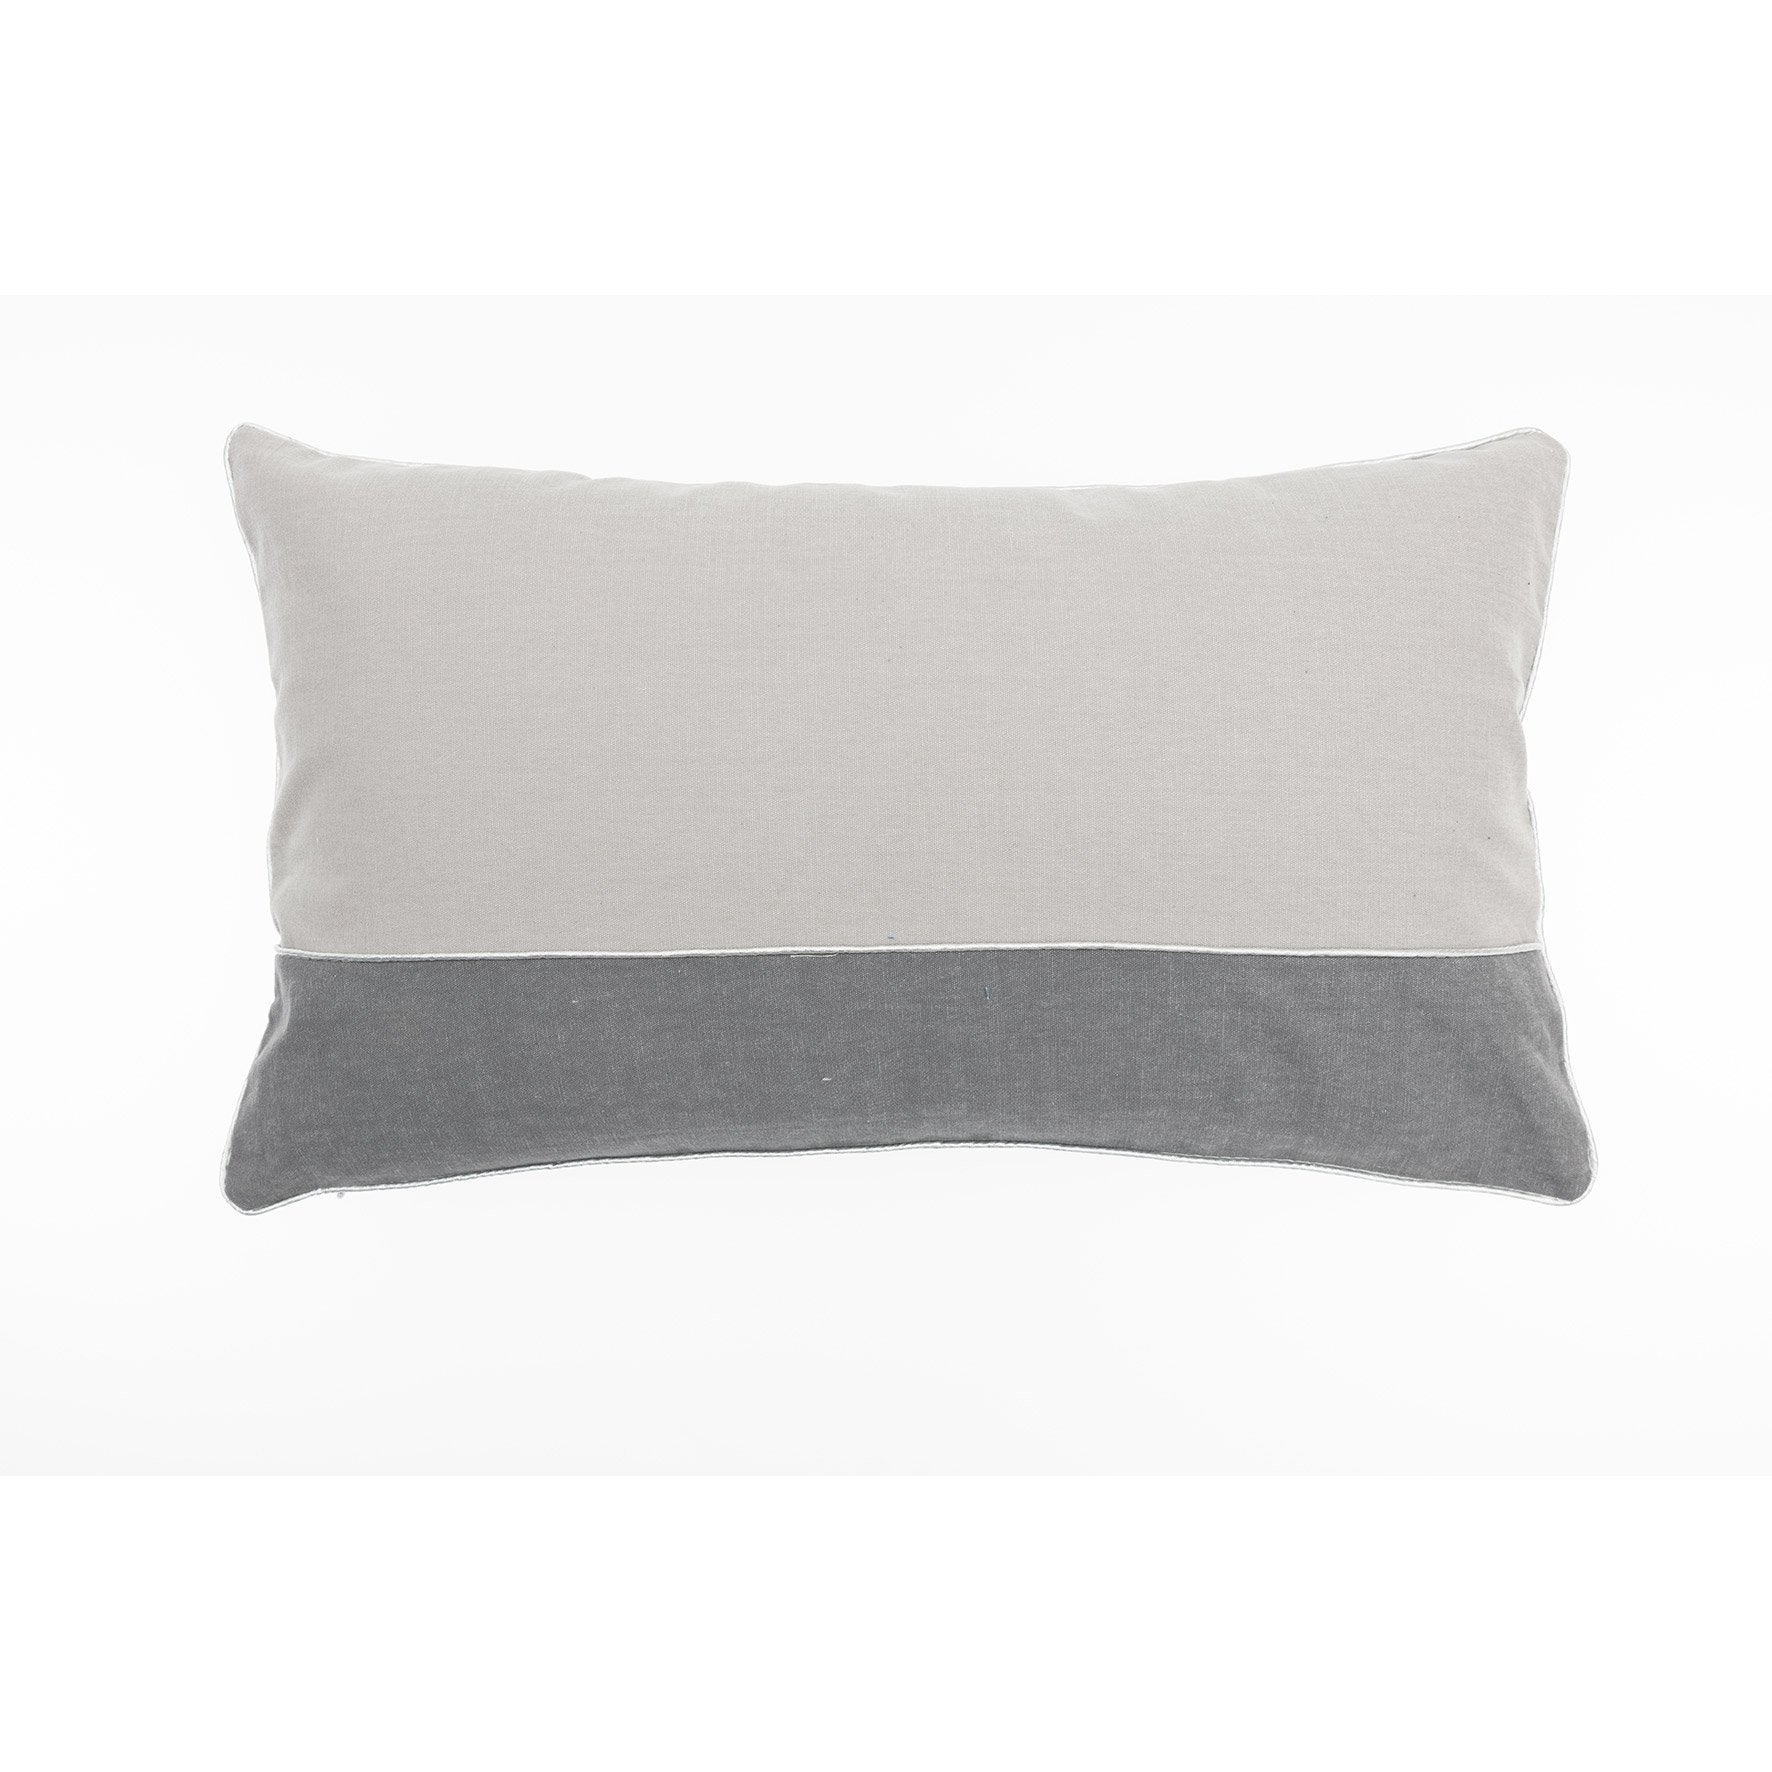 Coussin Athen JBY, gris l.50 x H.30 cm